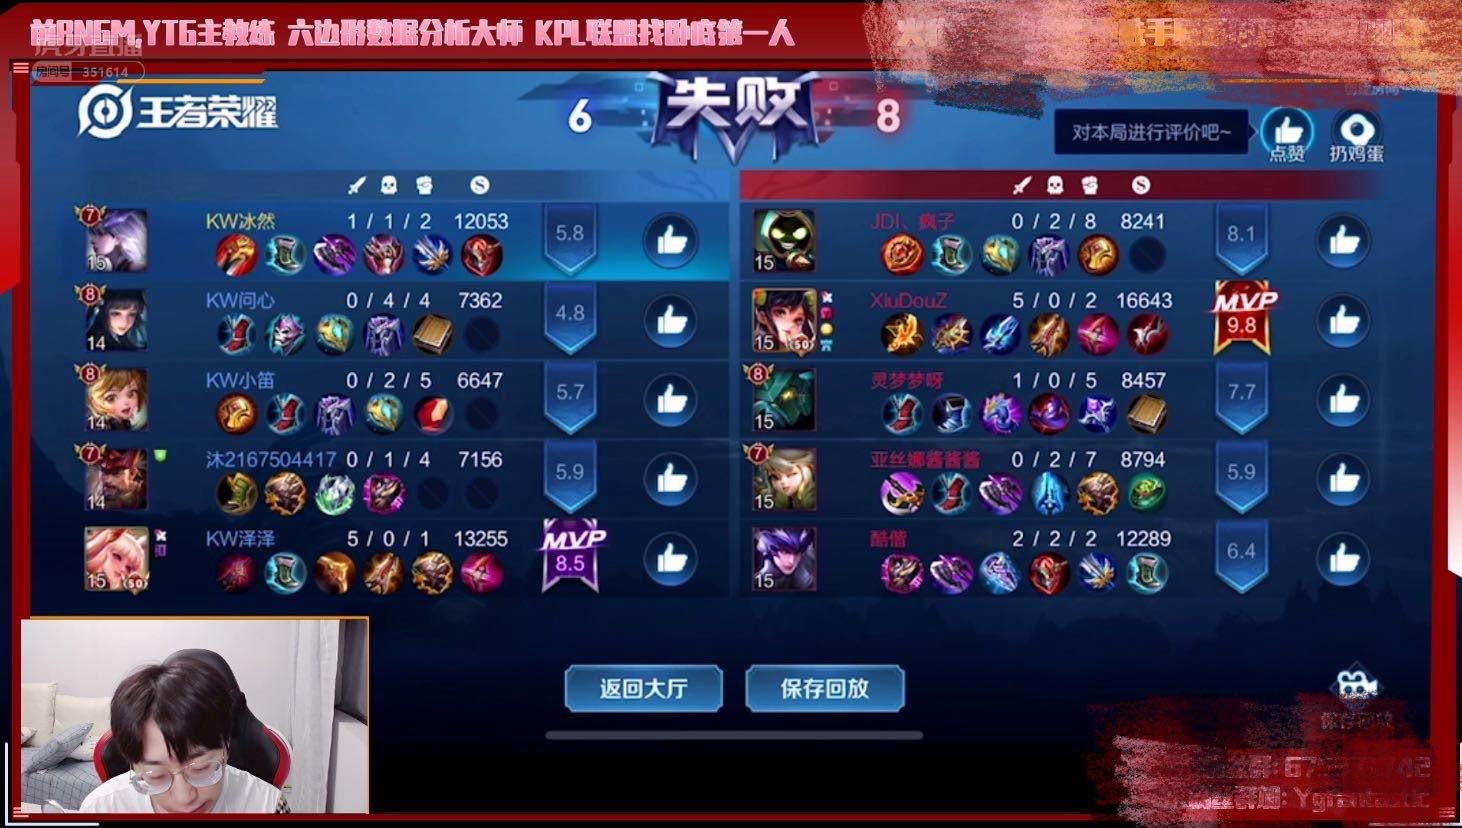 平民玩家也能打职业,虎牙新星杯是第一站,张大仙的战队也参加了插图2